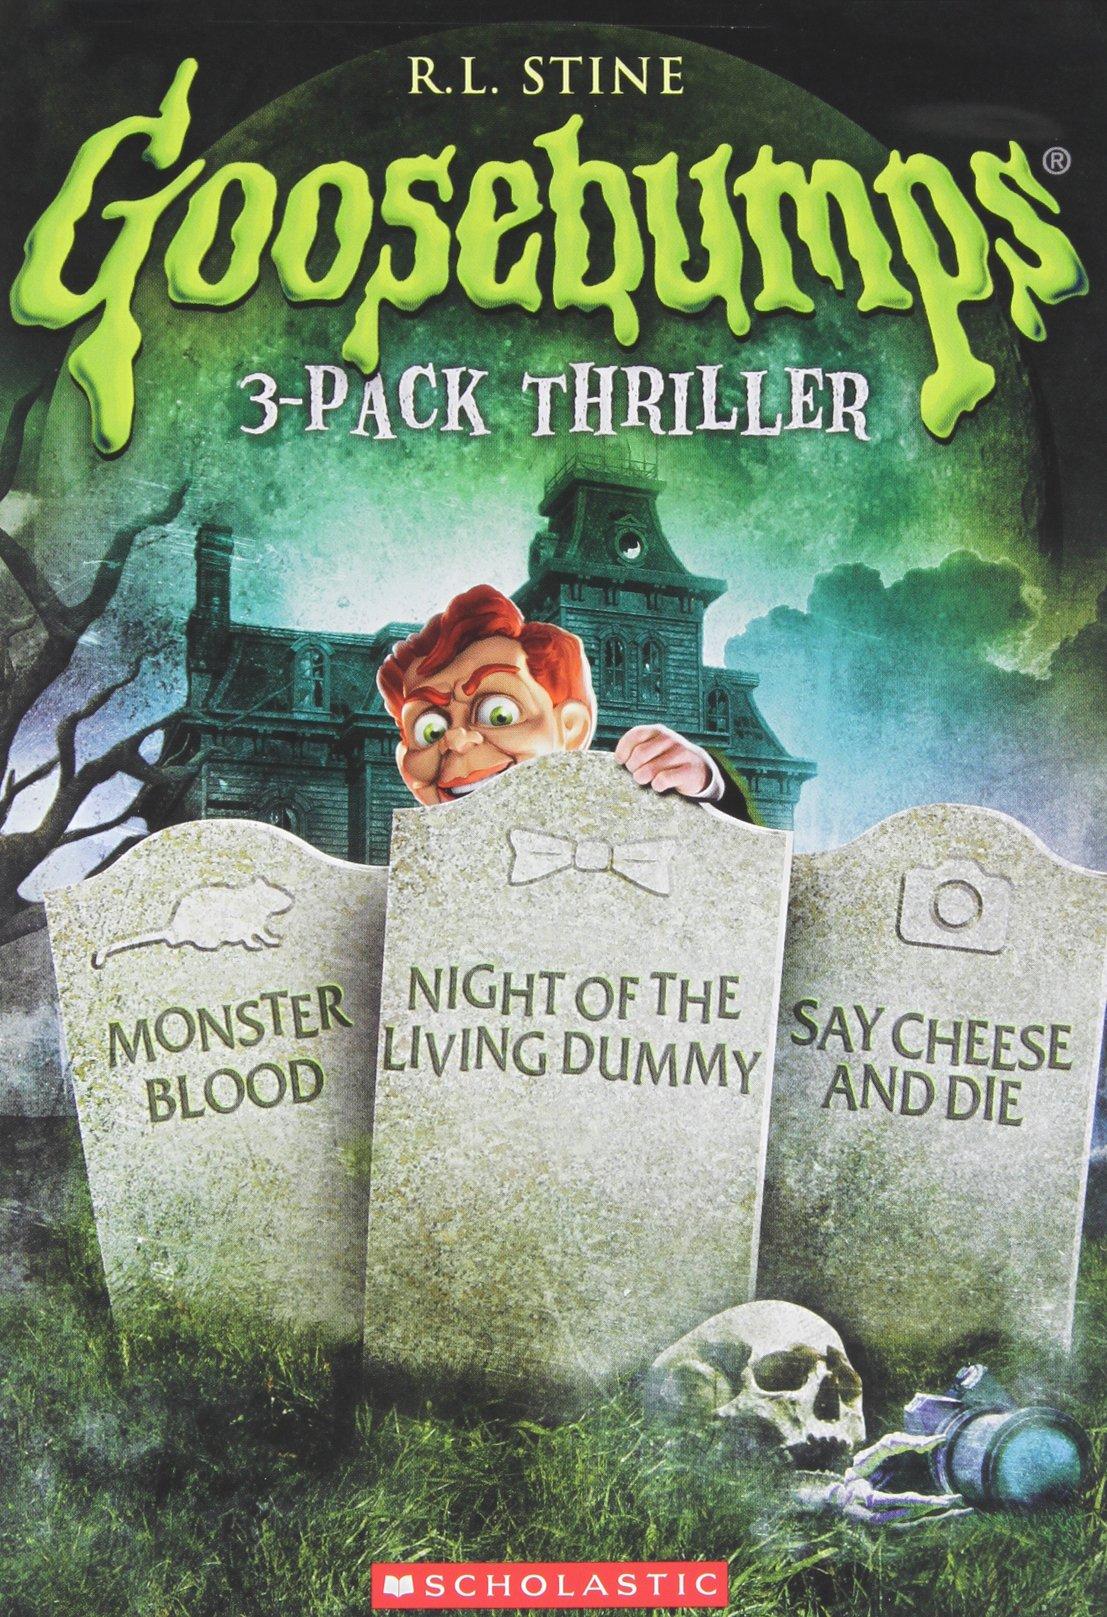 DVD : Goosebumps: Monster Blood / Night of Living Dummy